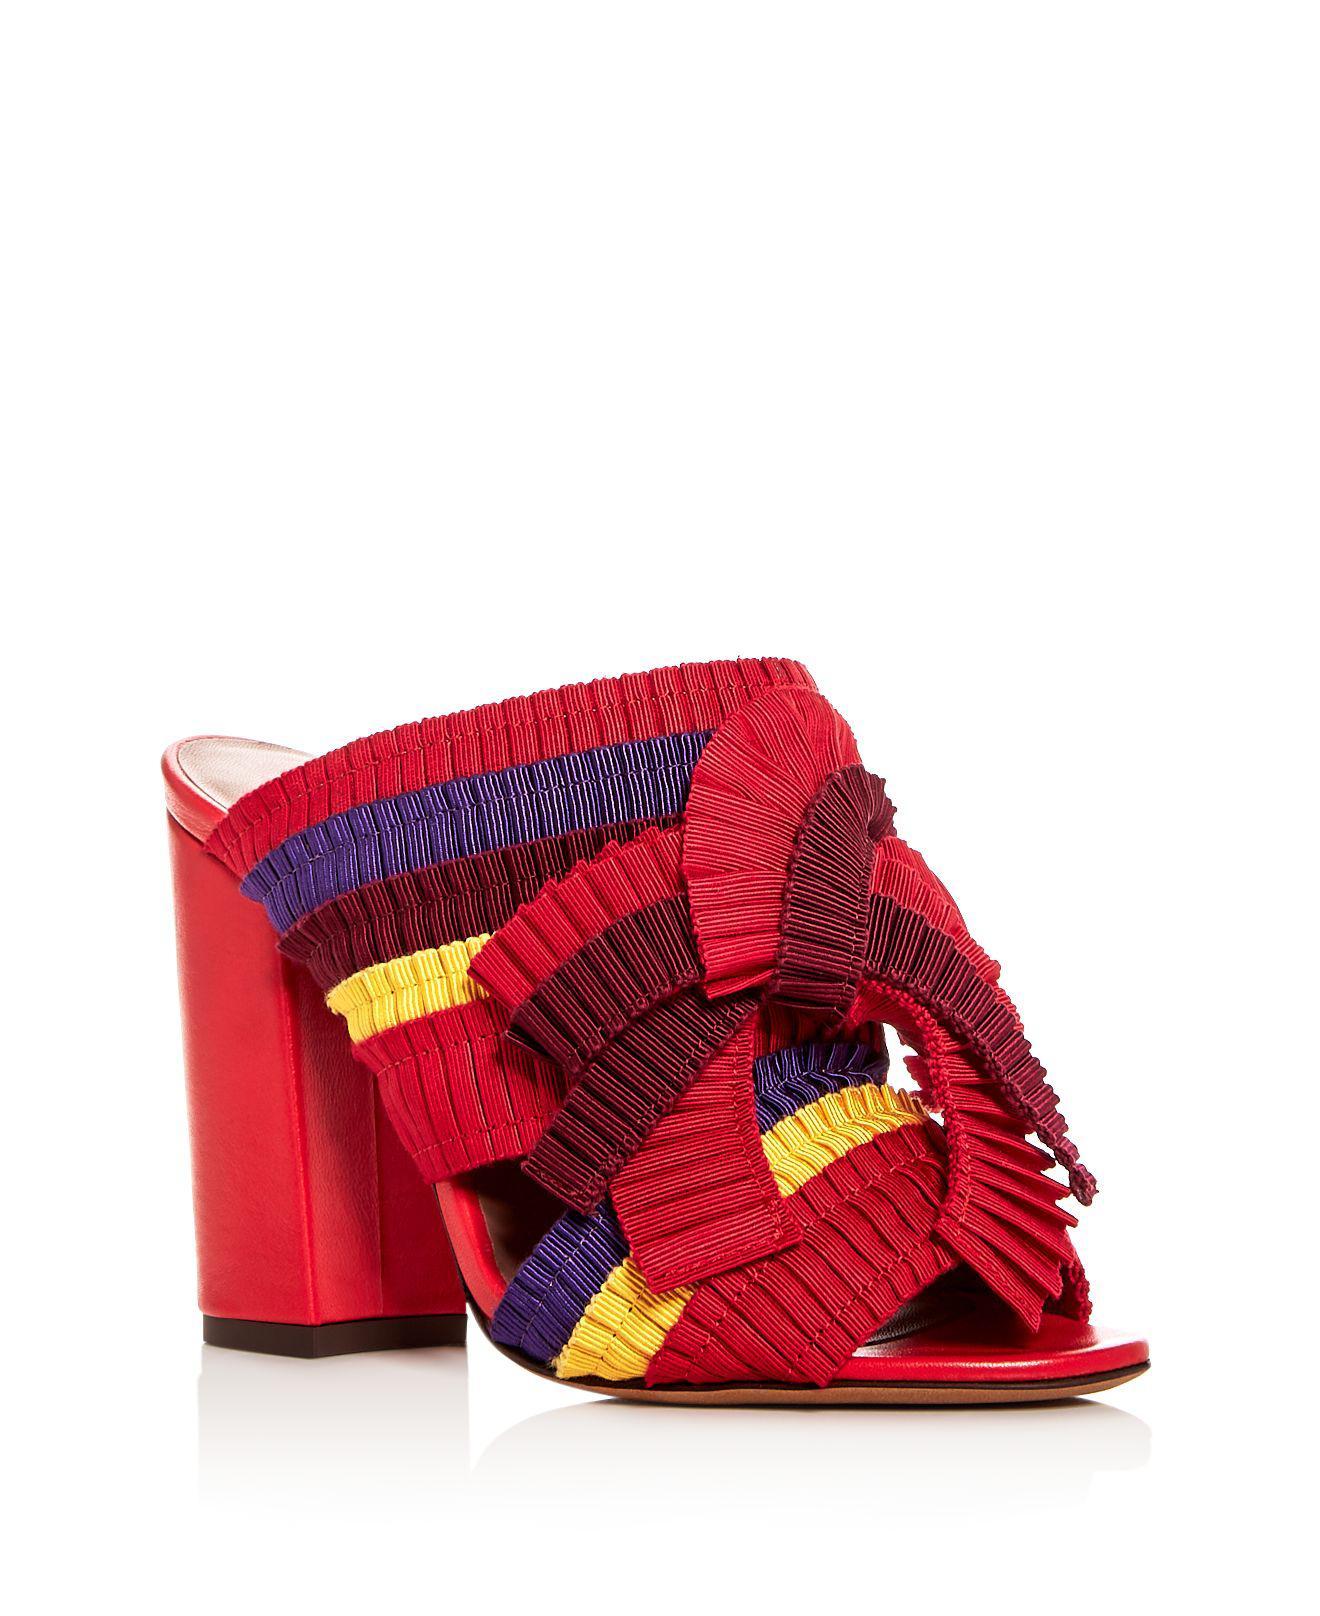 Tabitha Simmons Women's Beau Ribbon High Block Heel Slide Sandals 6iDEu5a6s